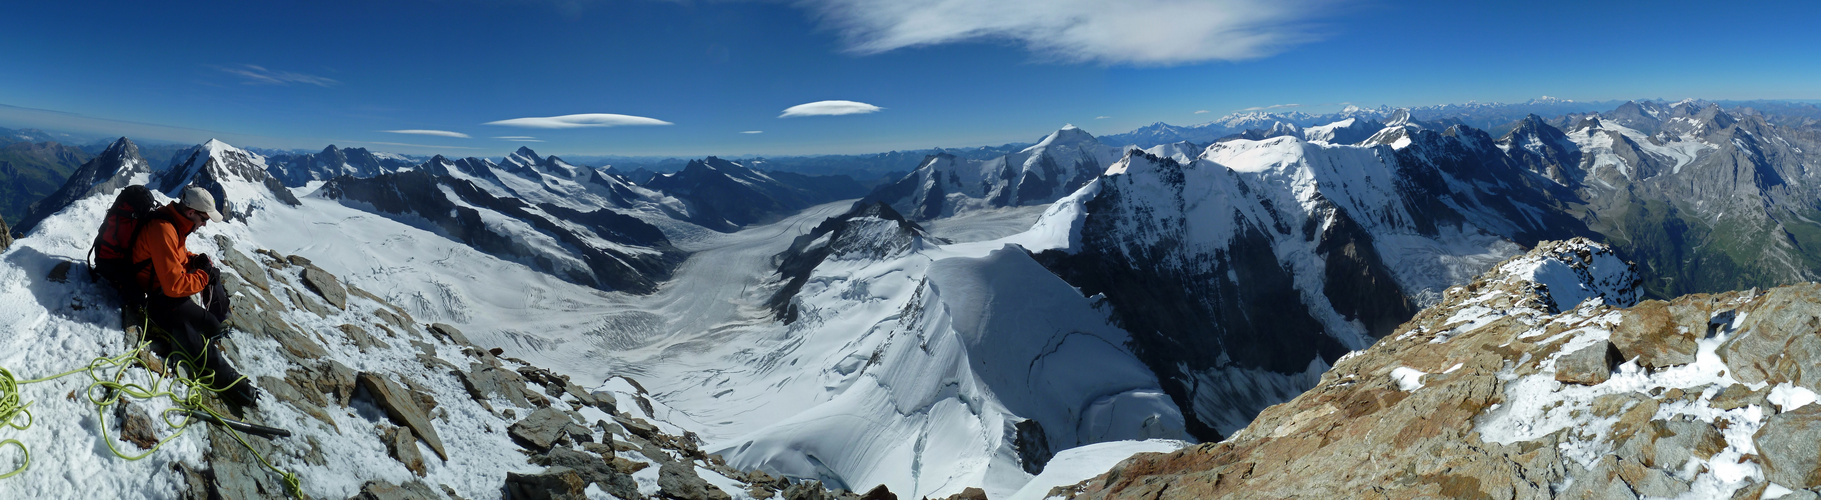 Jungfrau (4158m) - herrliches Panorama nach Süden über den Aletschgletscher